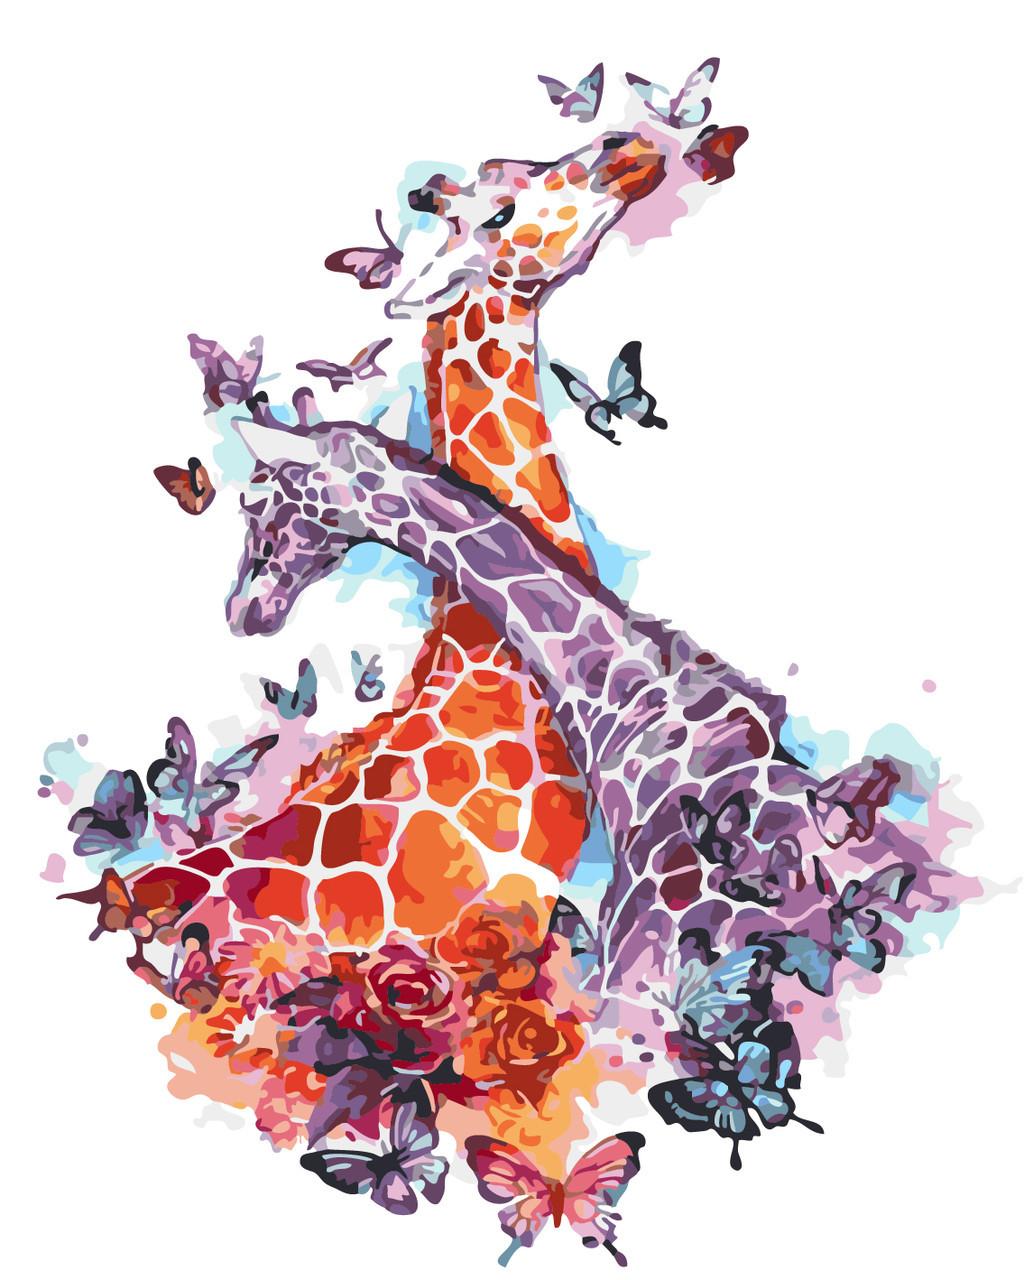 Картина по номерам Влюбленные жирафы 40 х 50 см (AS0269)